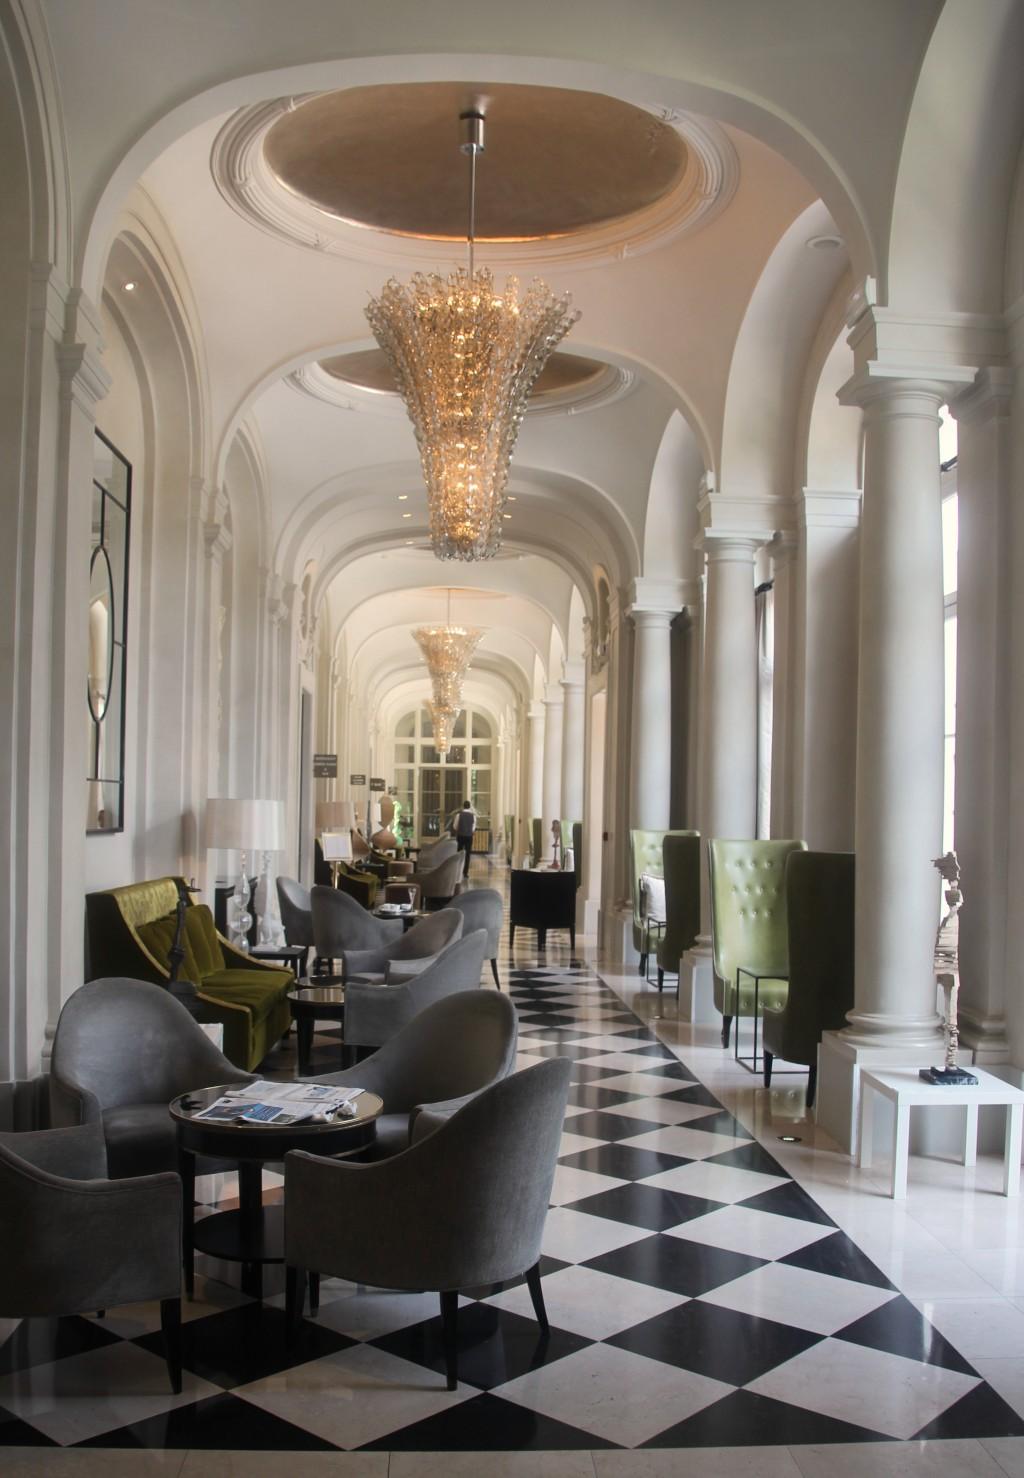 Trianon Versailles (c) upupup.fr